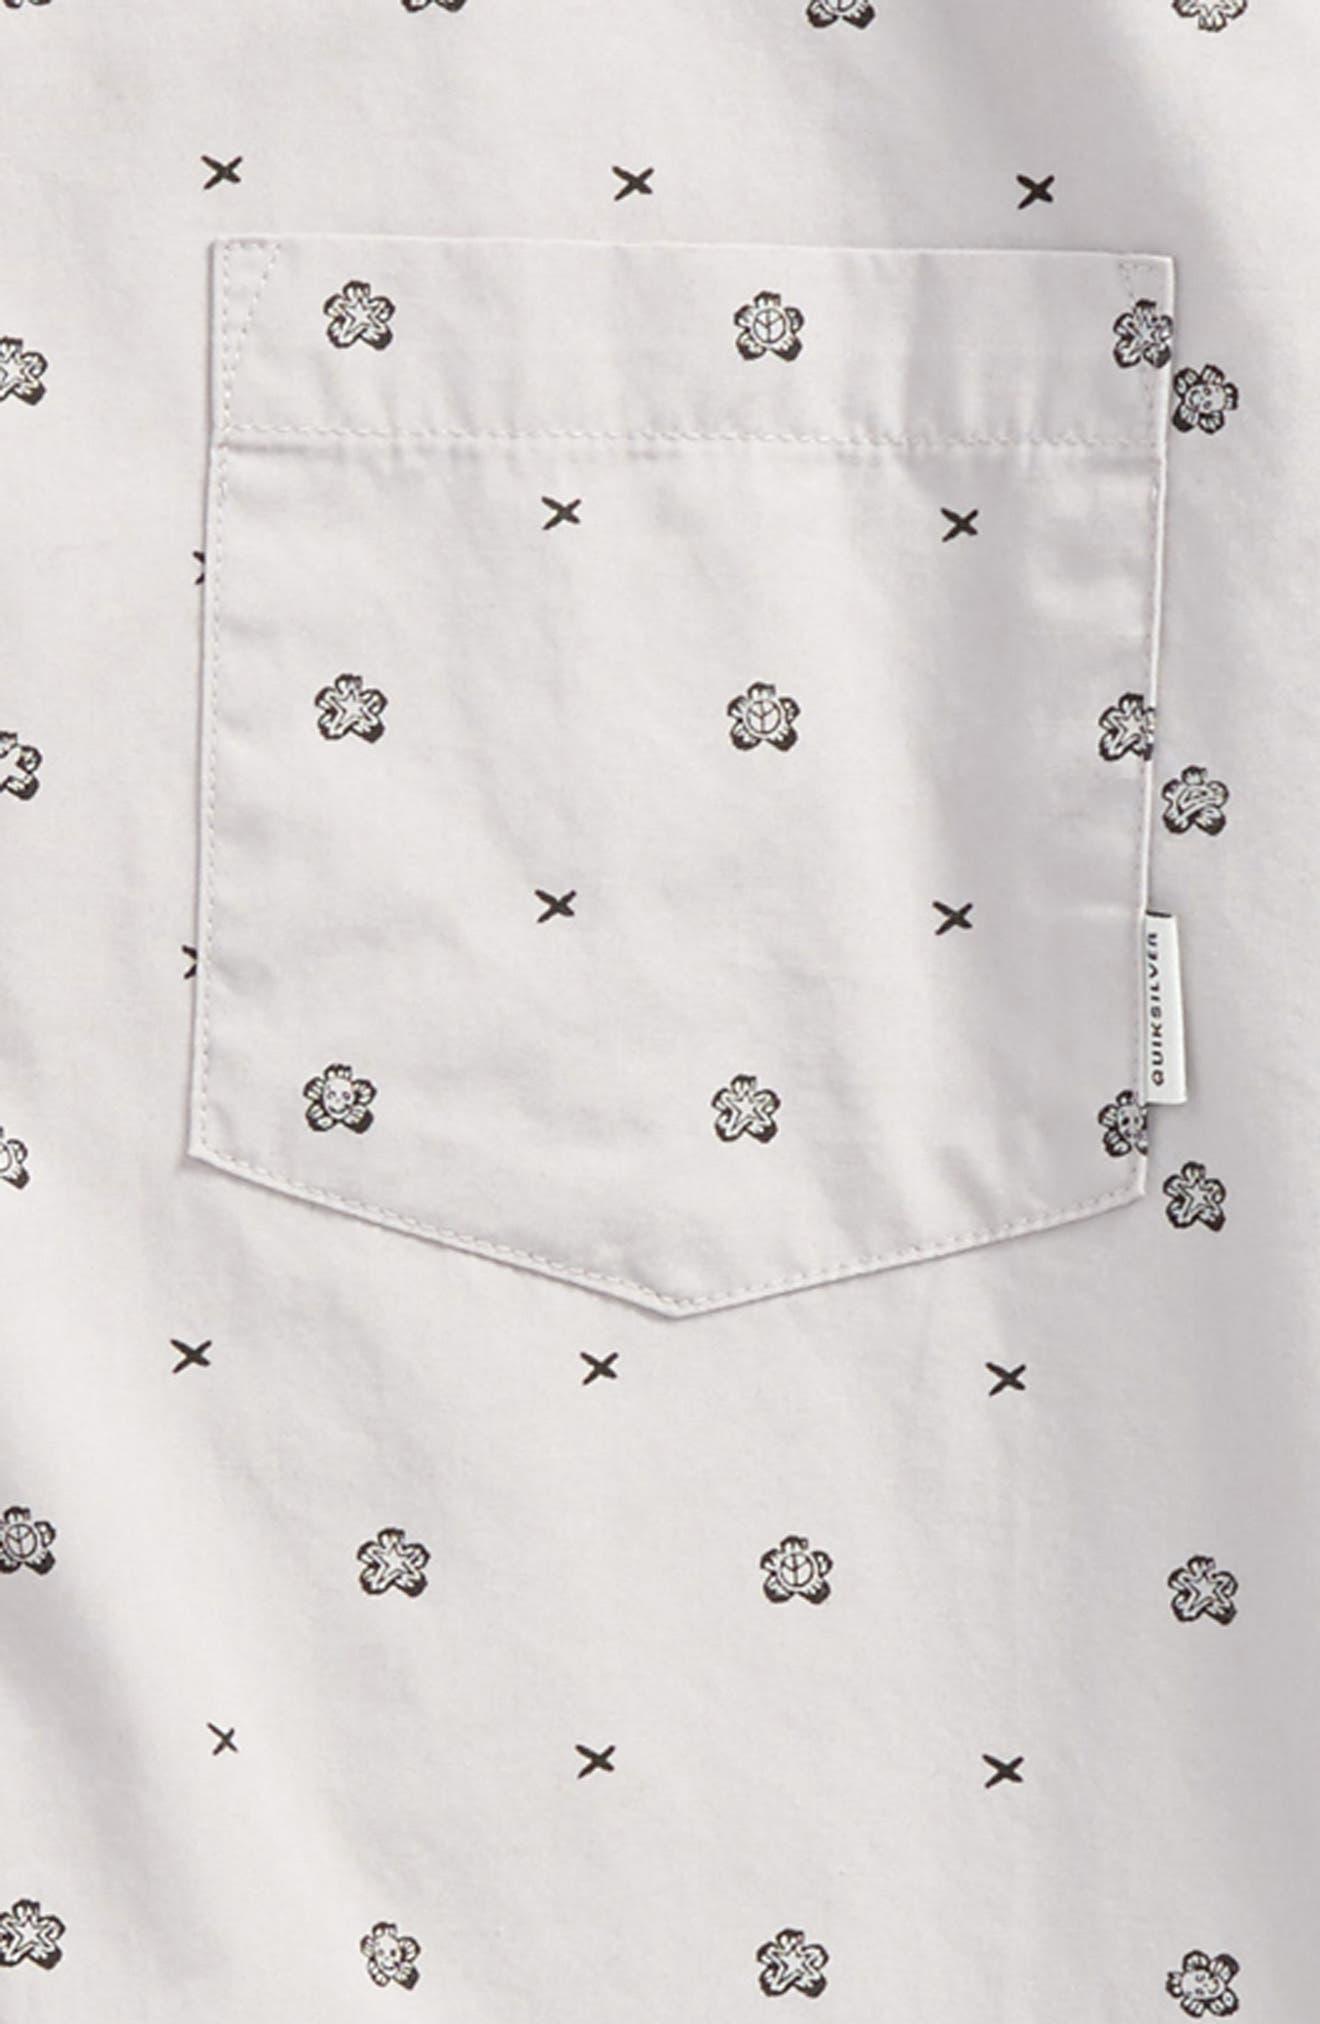 Kamanoa Woven Shirt,                             Alternate thumbnail 3, color,